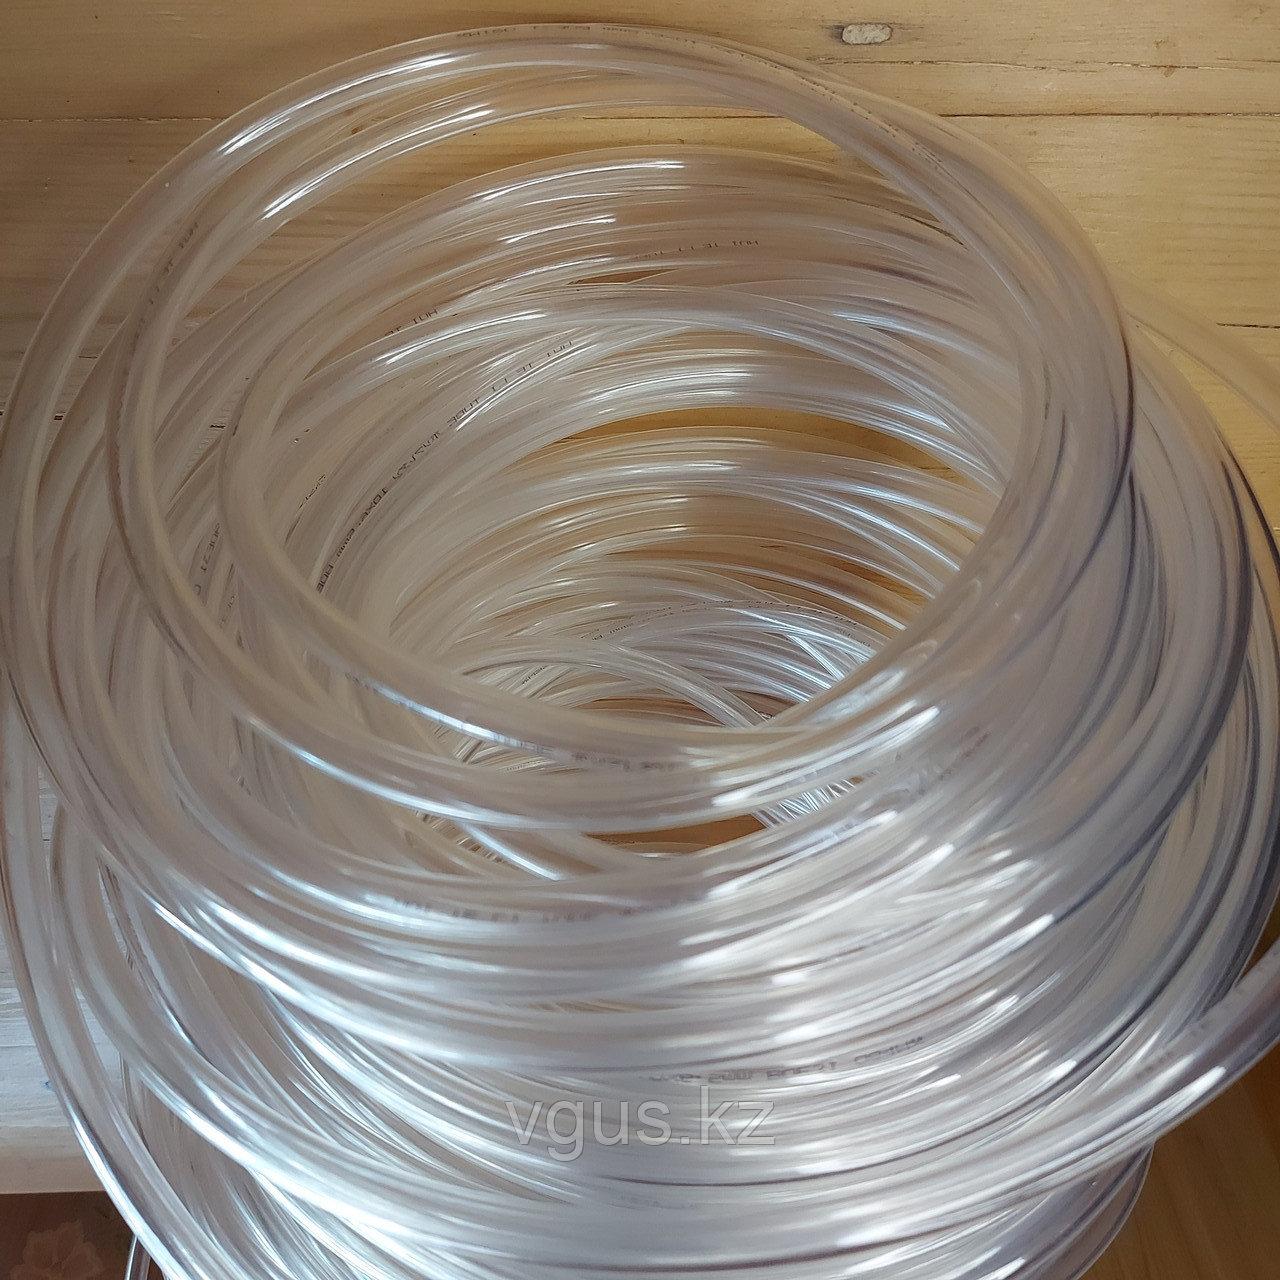 Шланг для подключения воды ПВХ(пневмошланг) 10*6.5 прозрачный